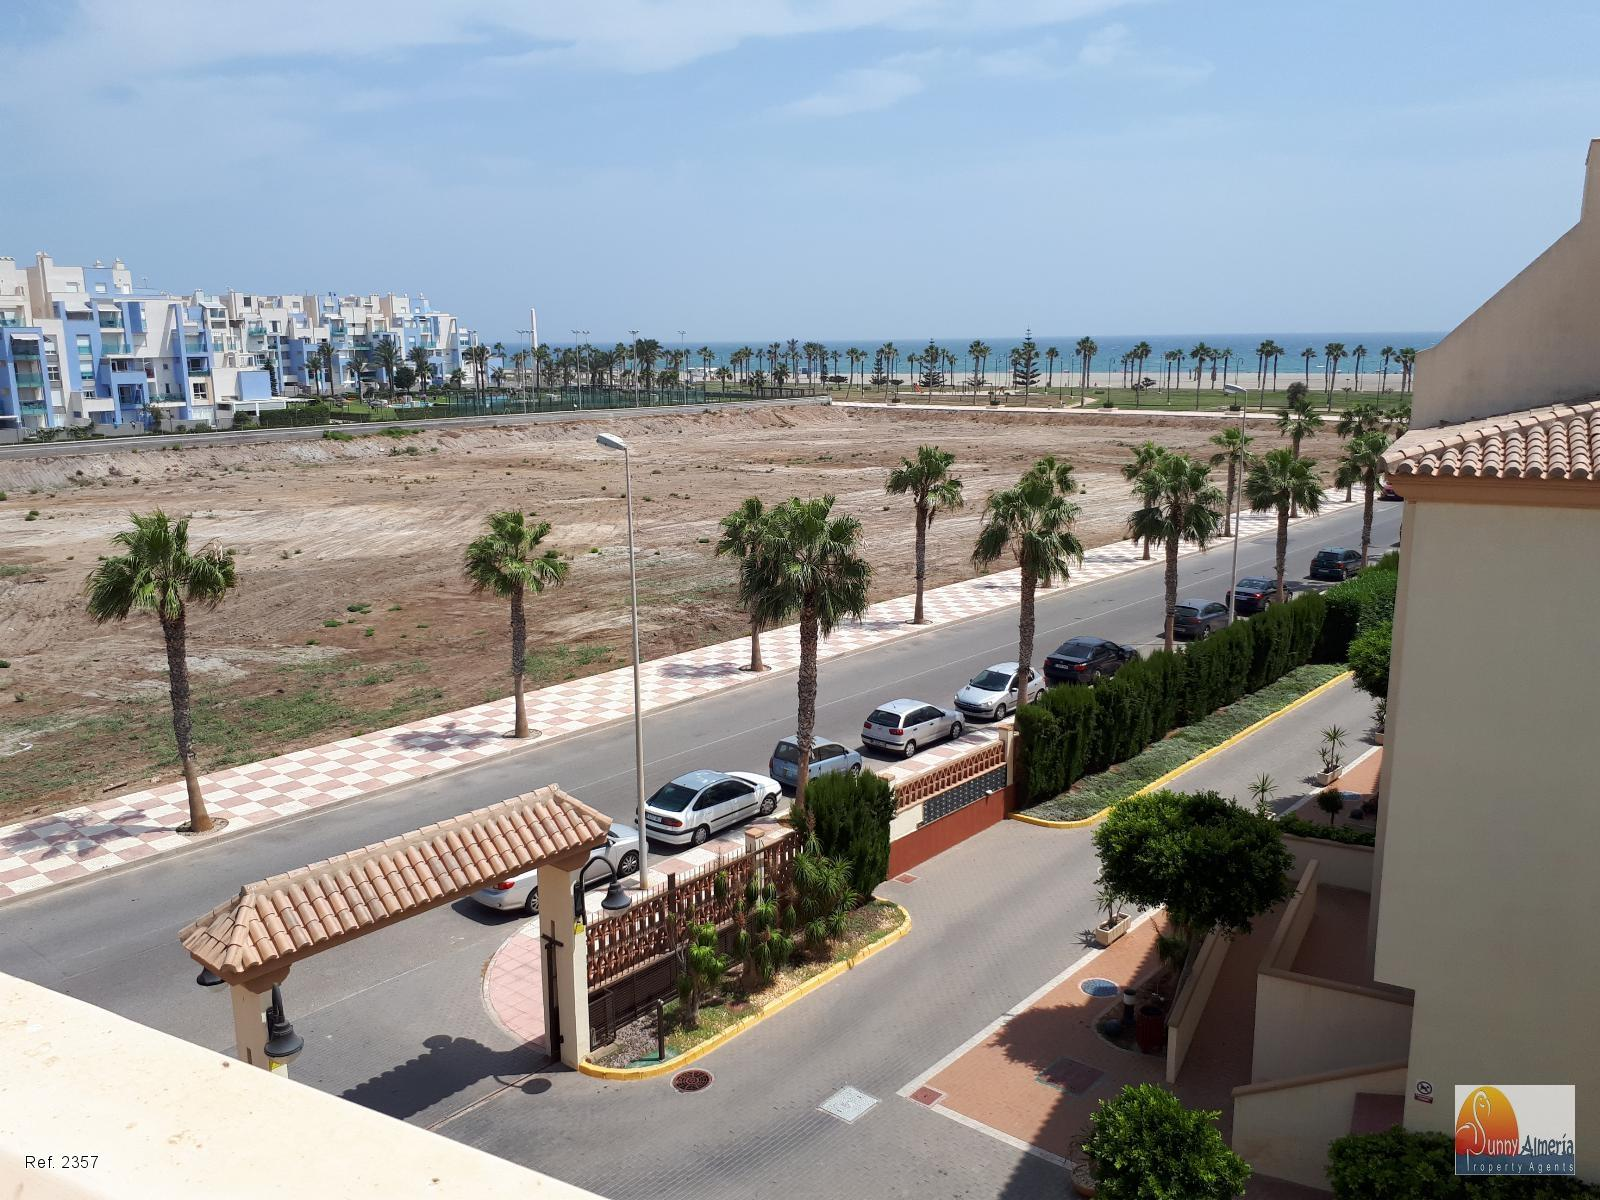 Luxury Apartment for sale in Calle Fosforito 4 (Roquetas de Mar), 143.000 €